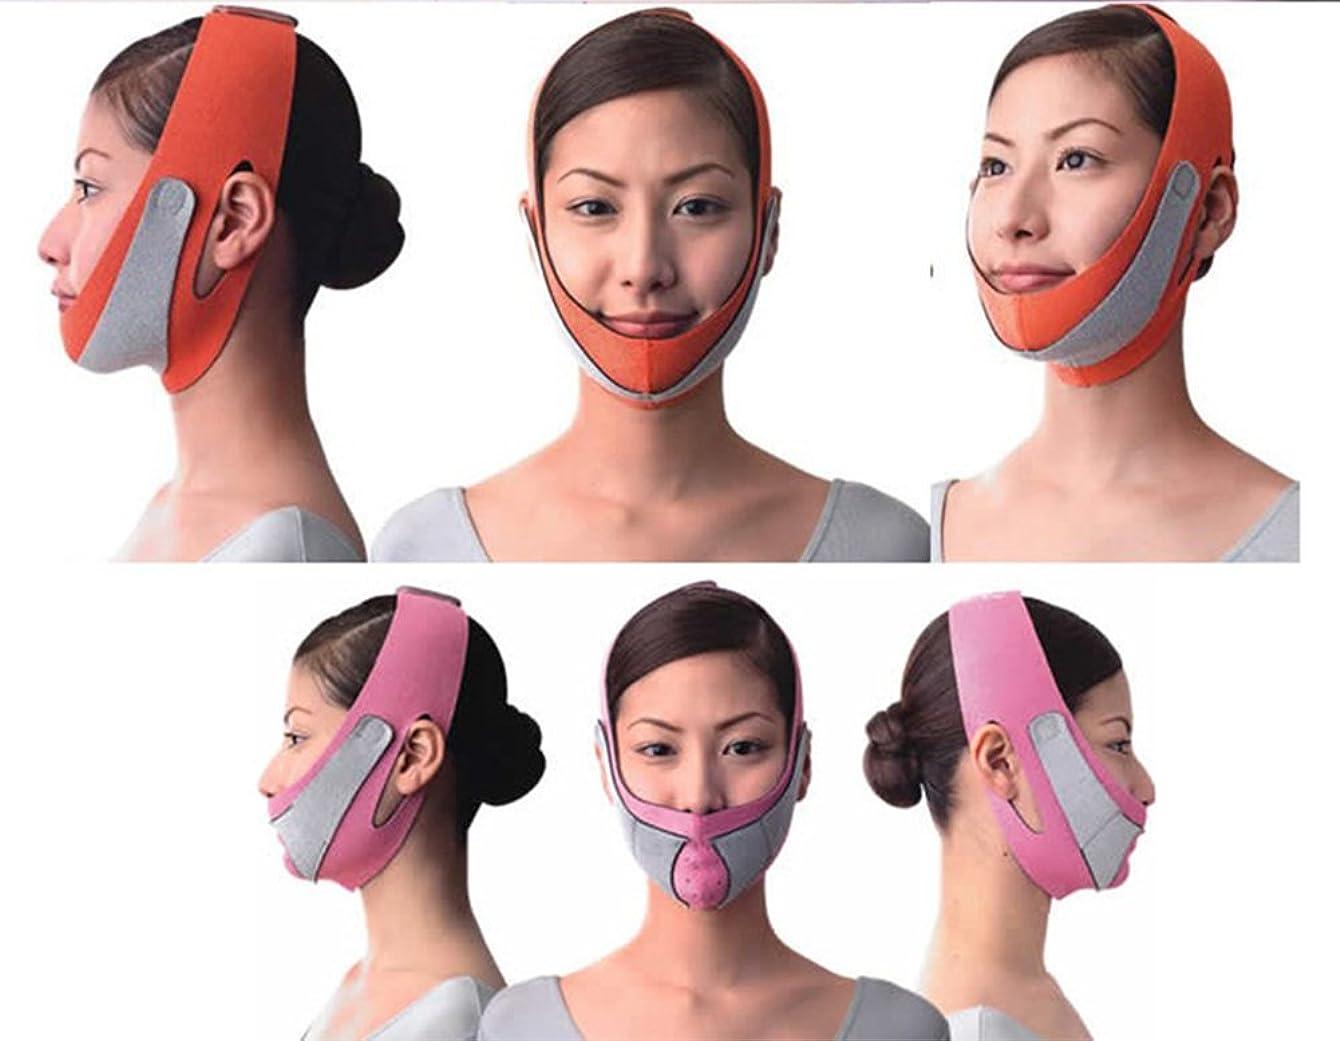 線取り出す仲人引き上げマスク 頬のたるみ 額、顎下、頬リフトアップ ピンク グレー 弾力V-ラインマスク 引っ張る リフティング フェイス リフトスリムマスク 美容 フェイスマスク